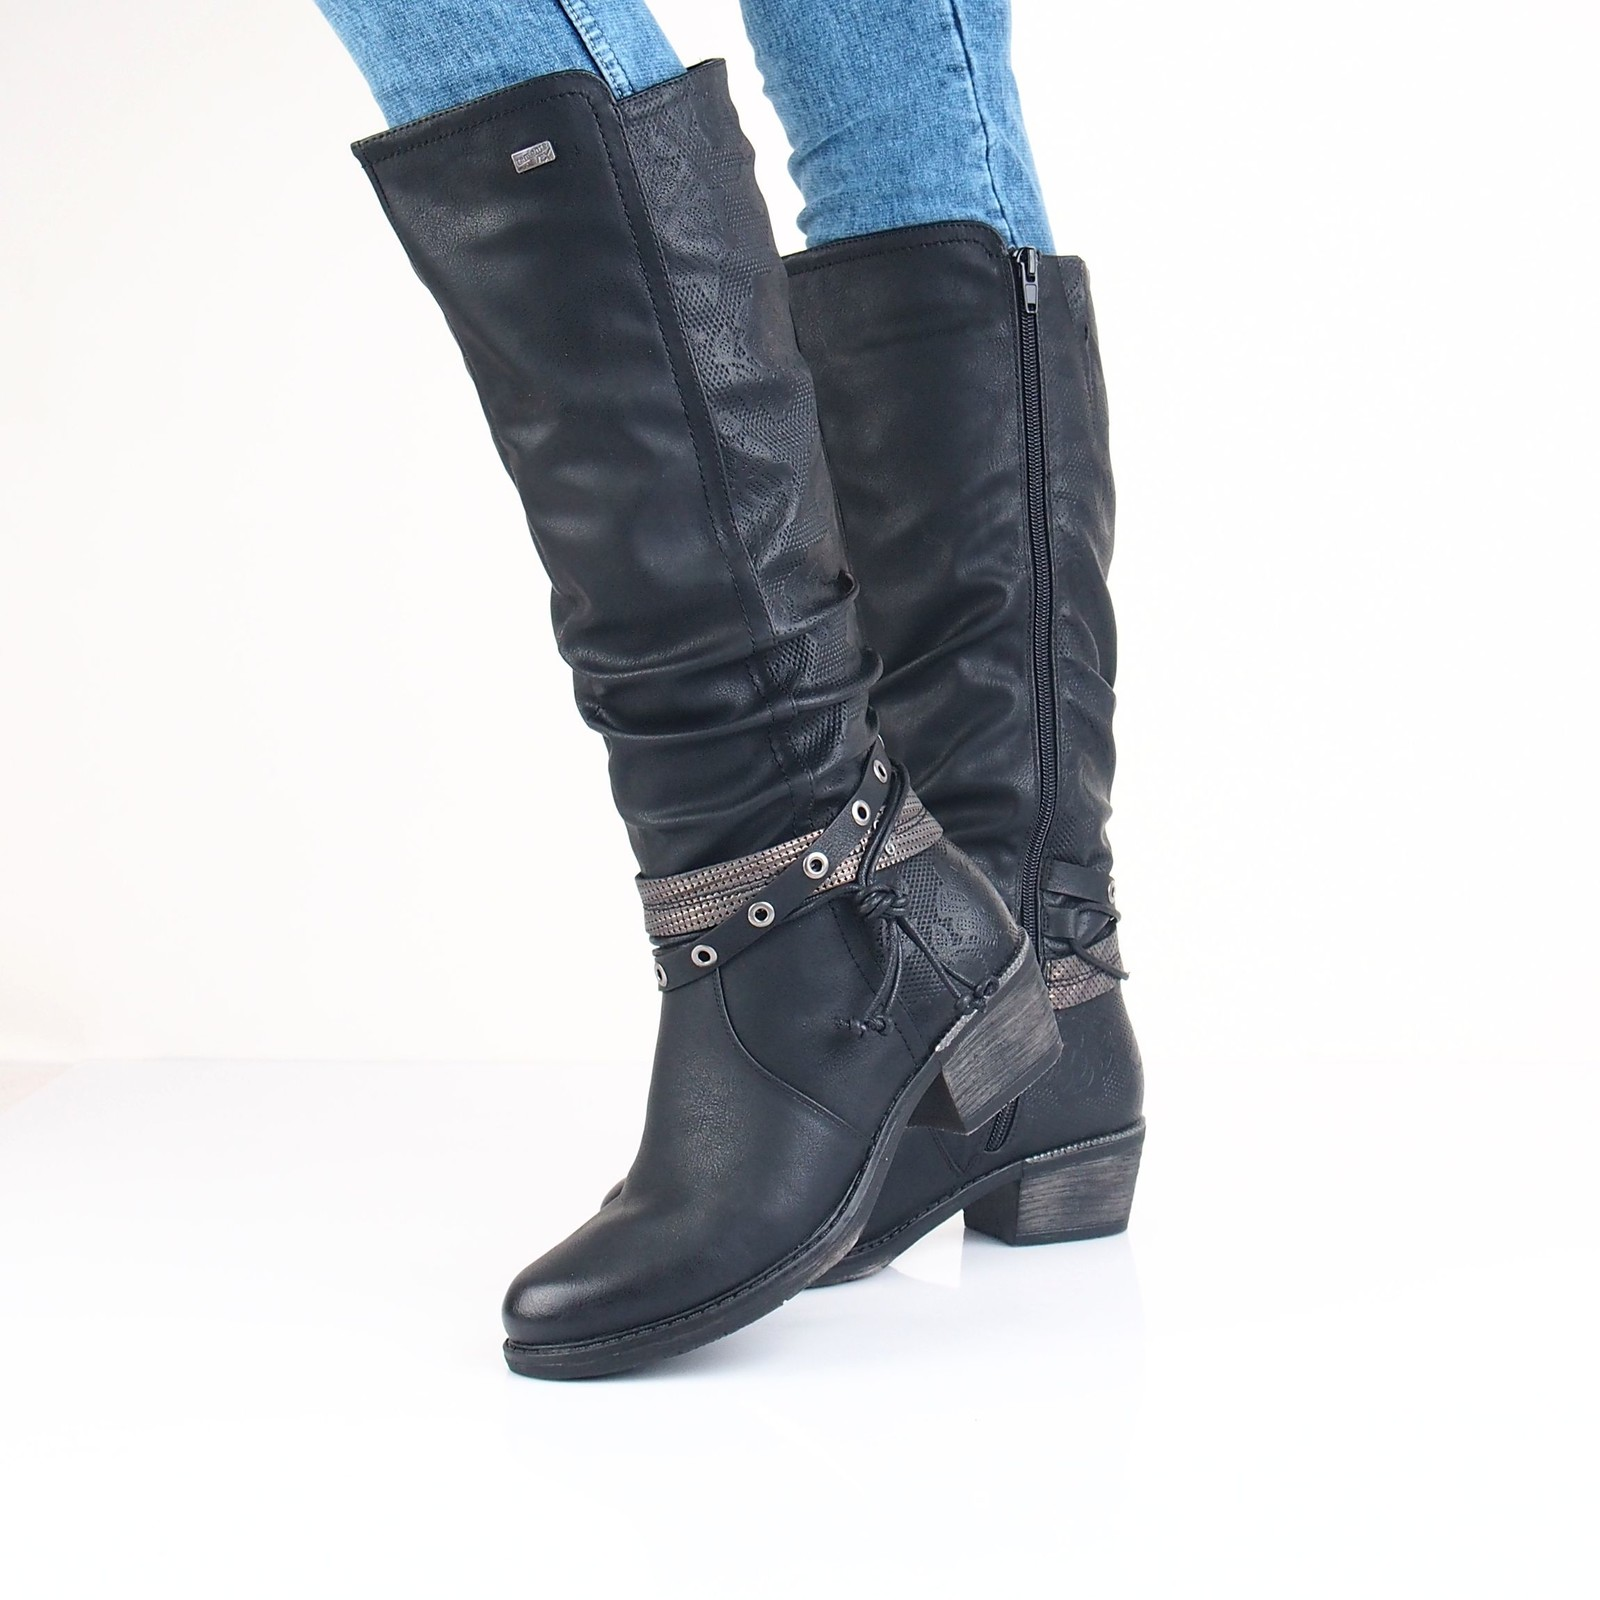 Remonte dámske vysoké čižmy - čierne